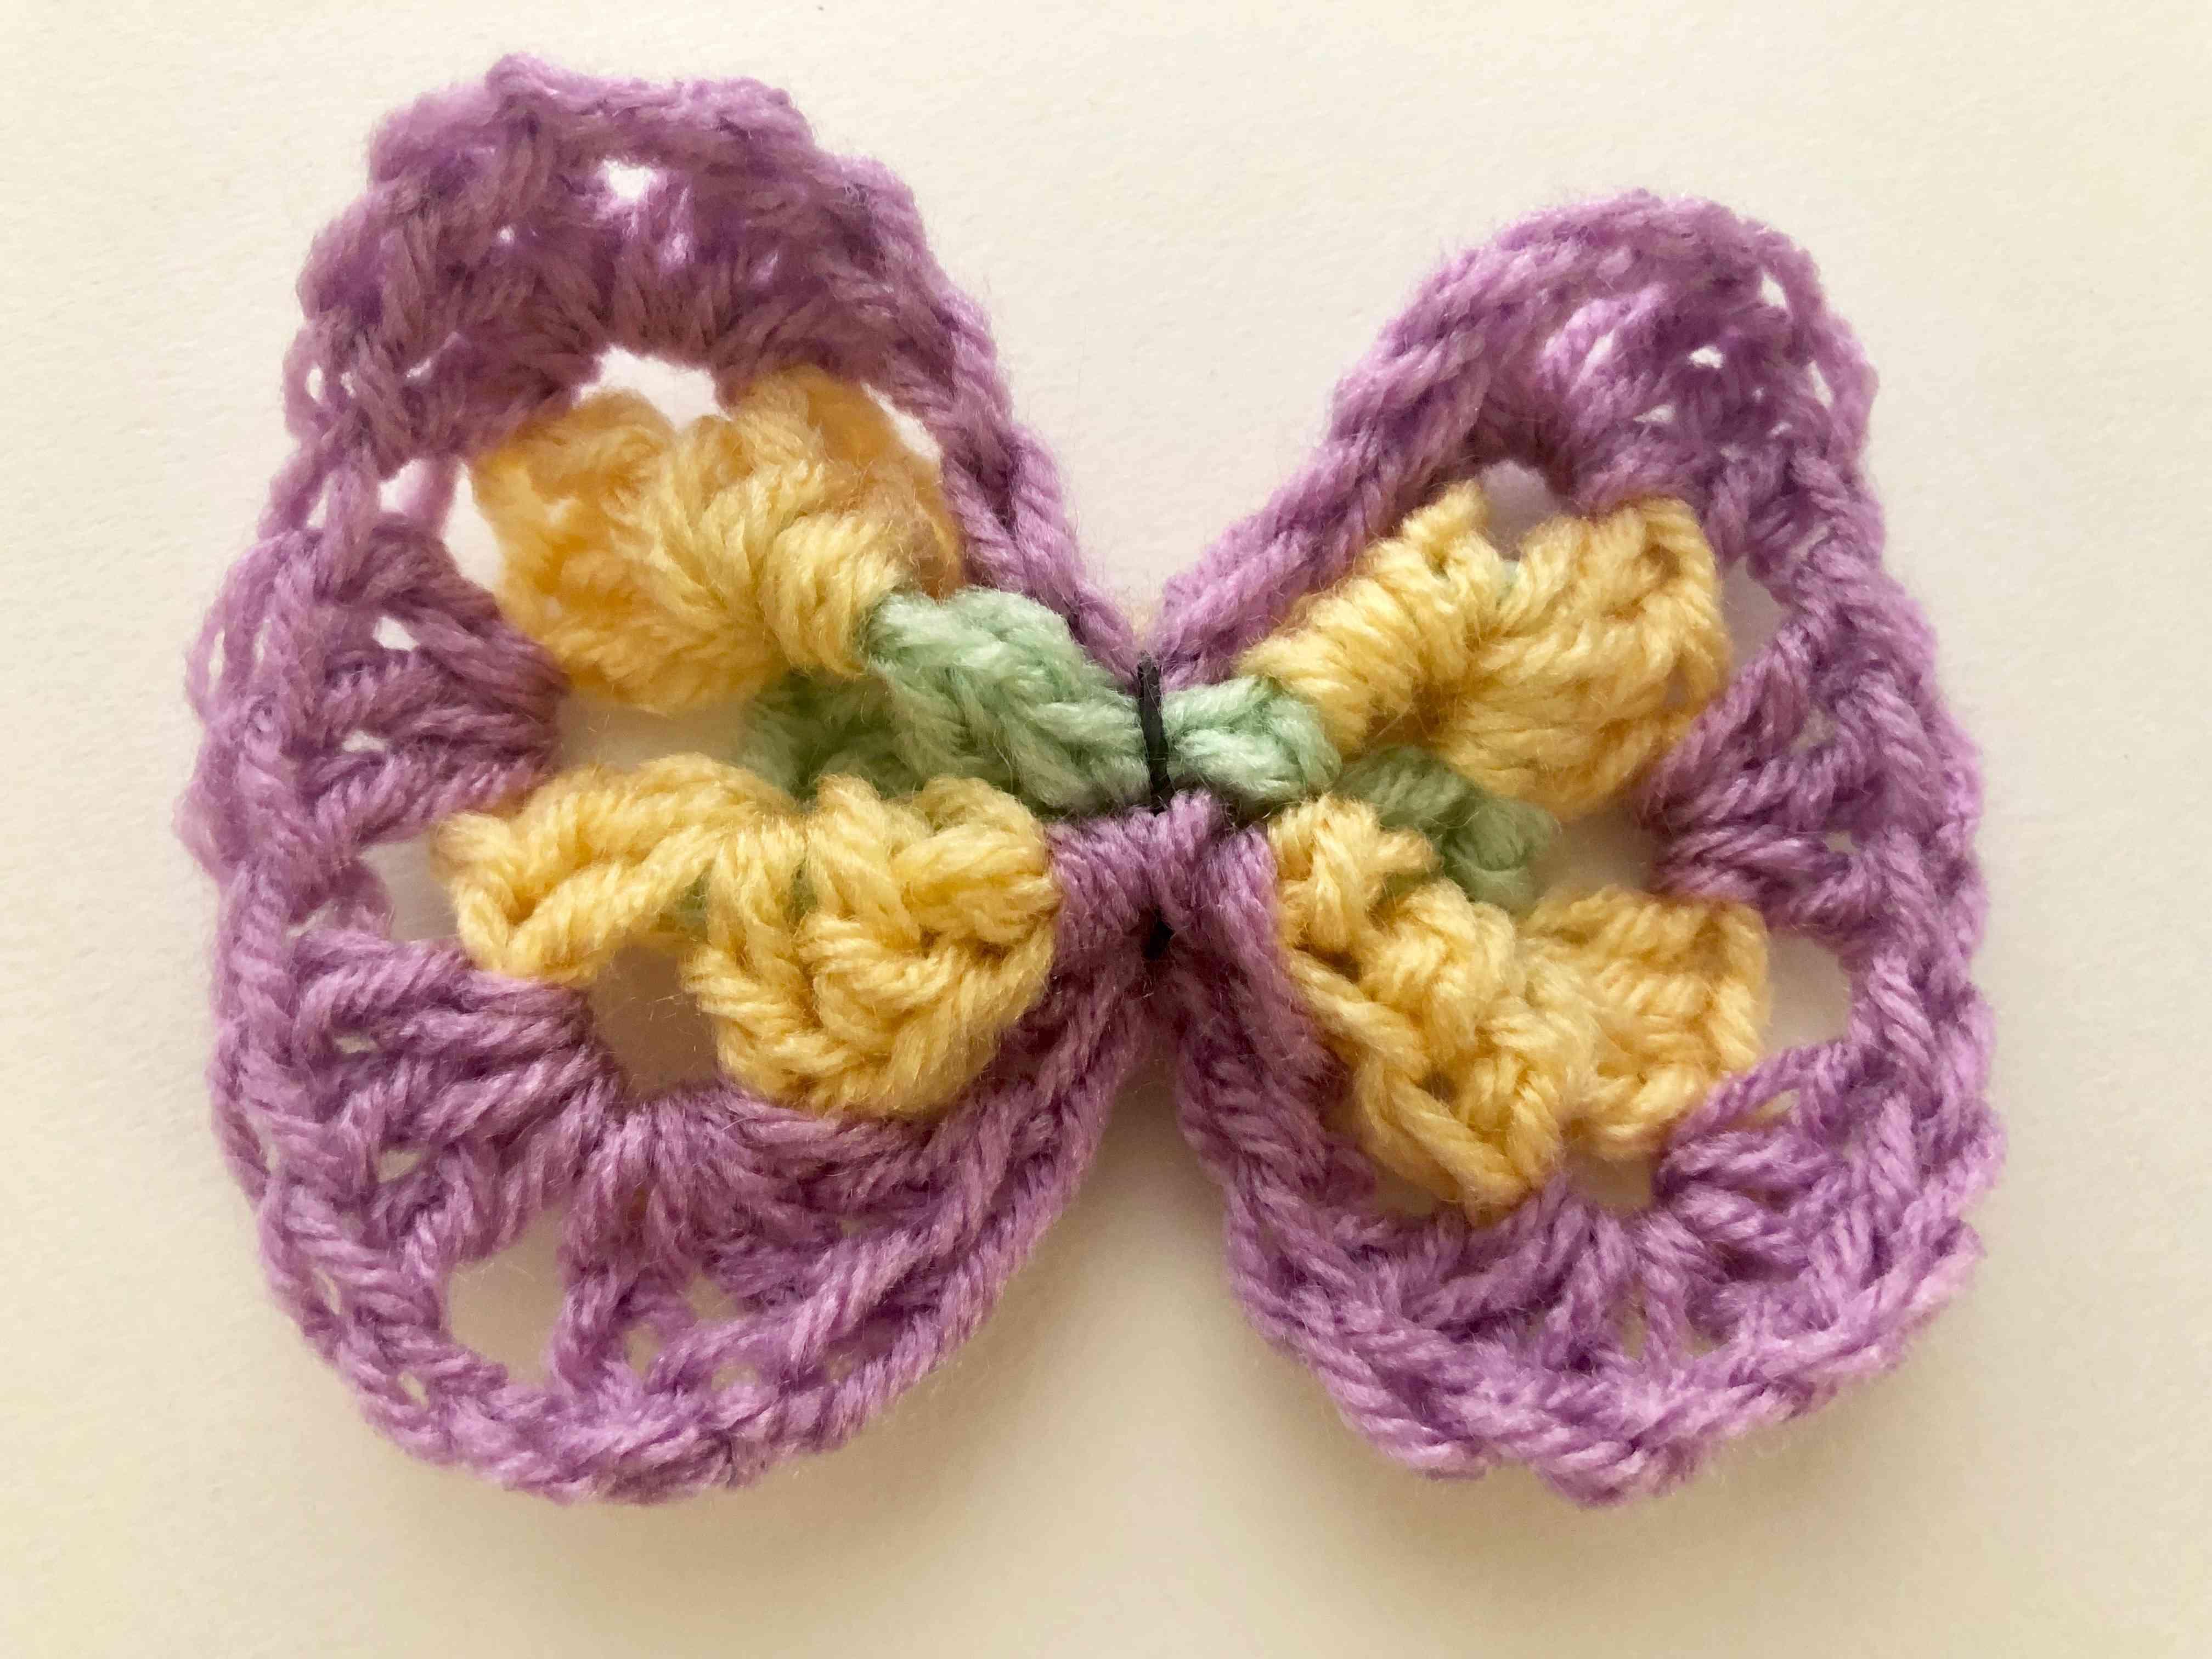 How to Crochet a Hair Bow